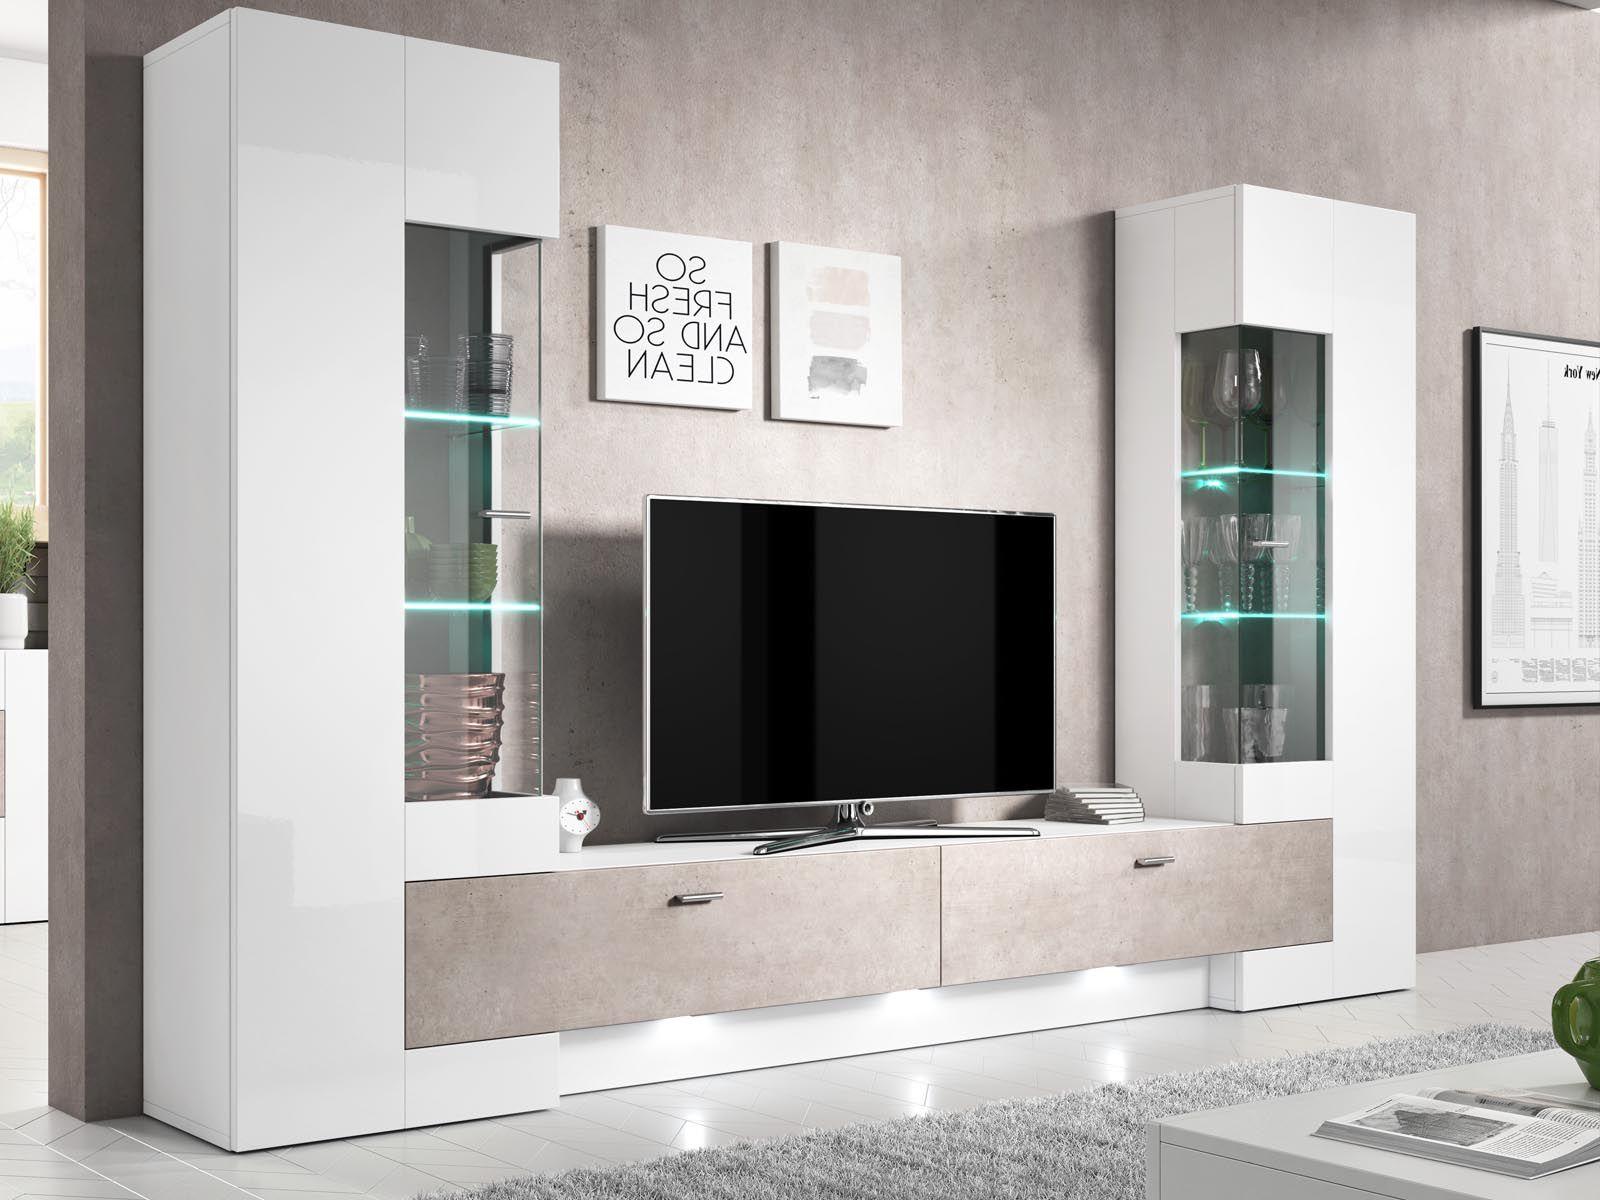 mur tv hifi foster 4 portes blanc laque